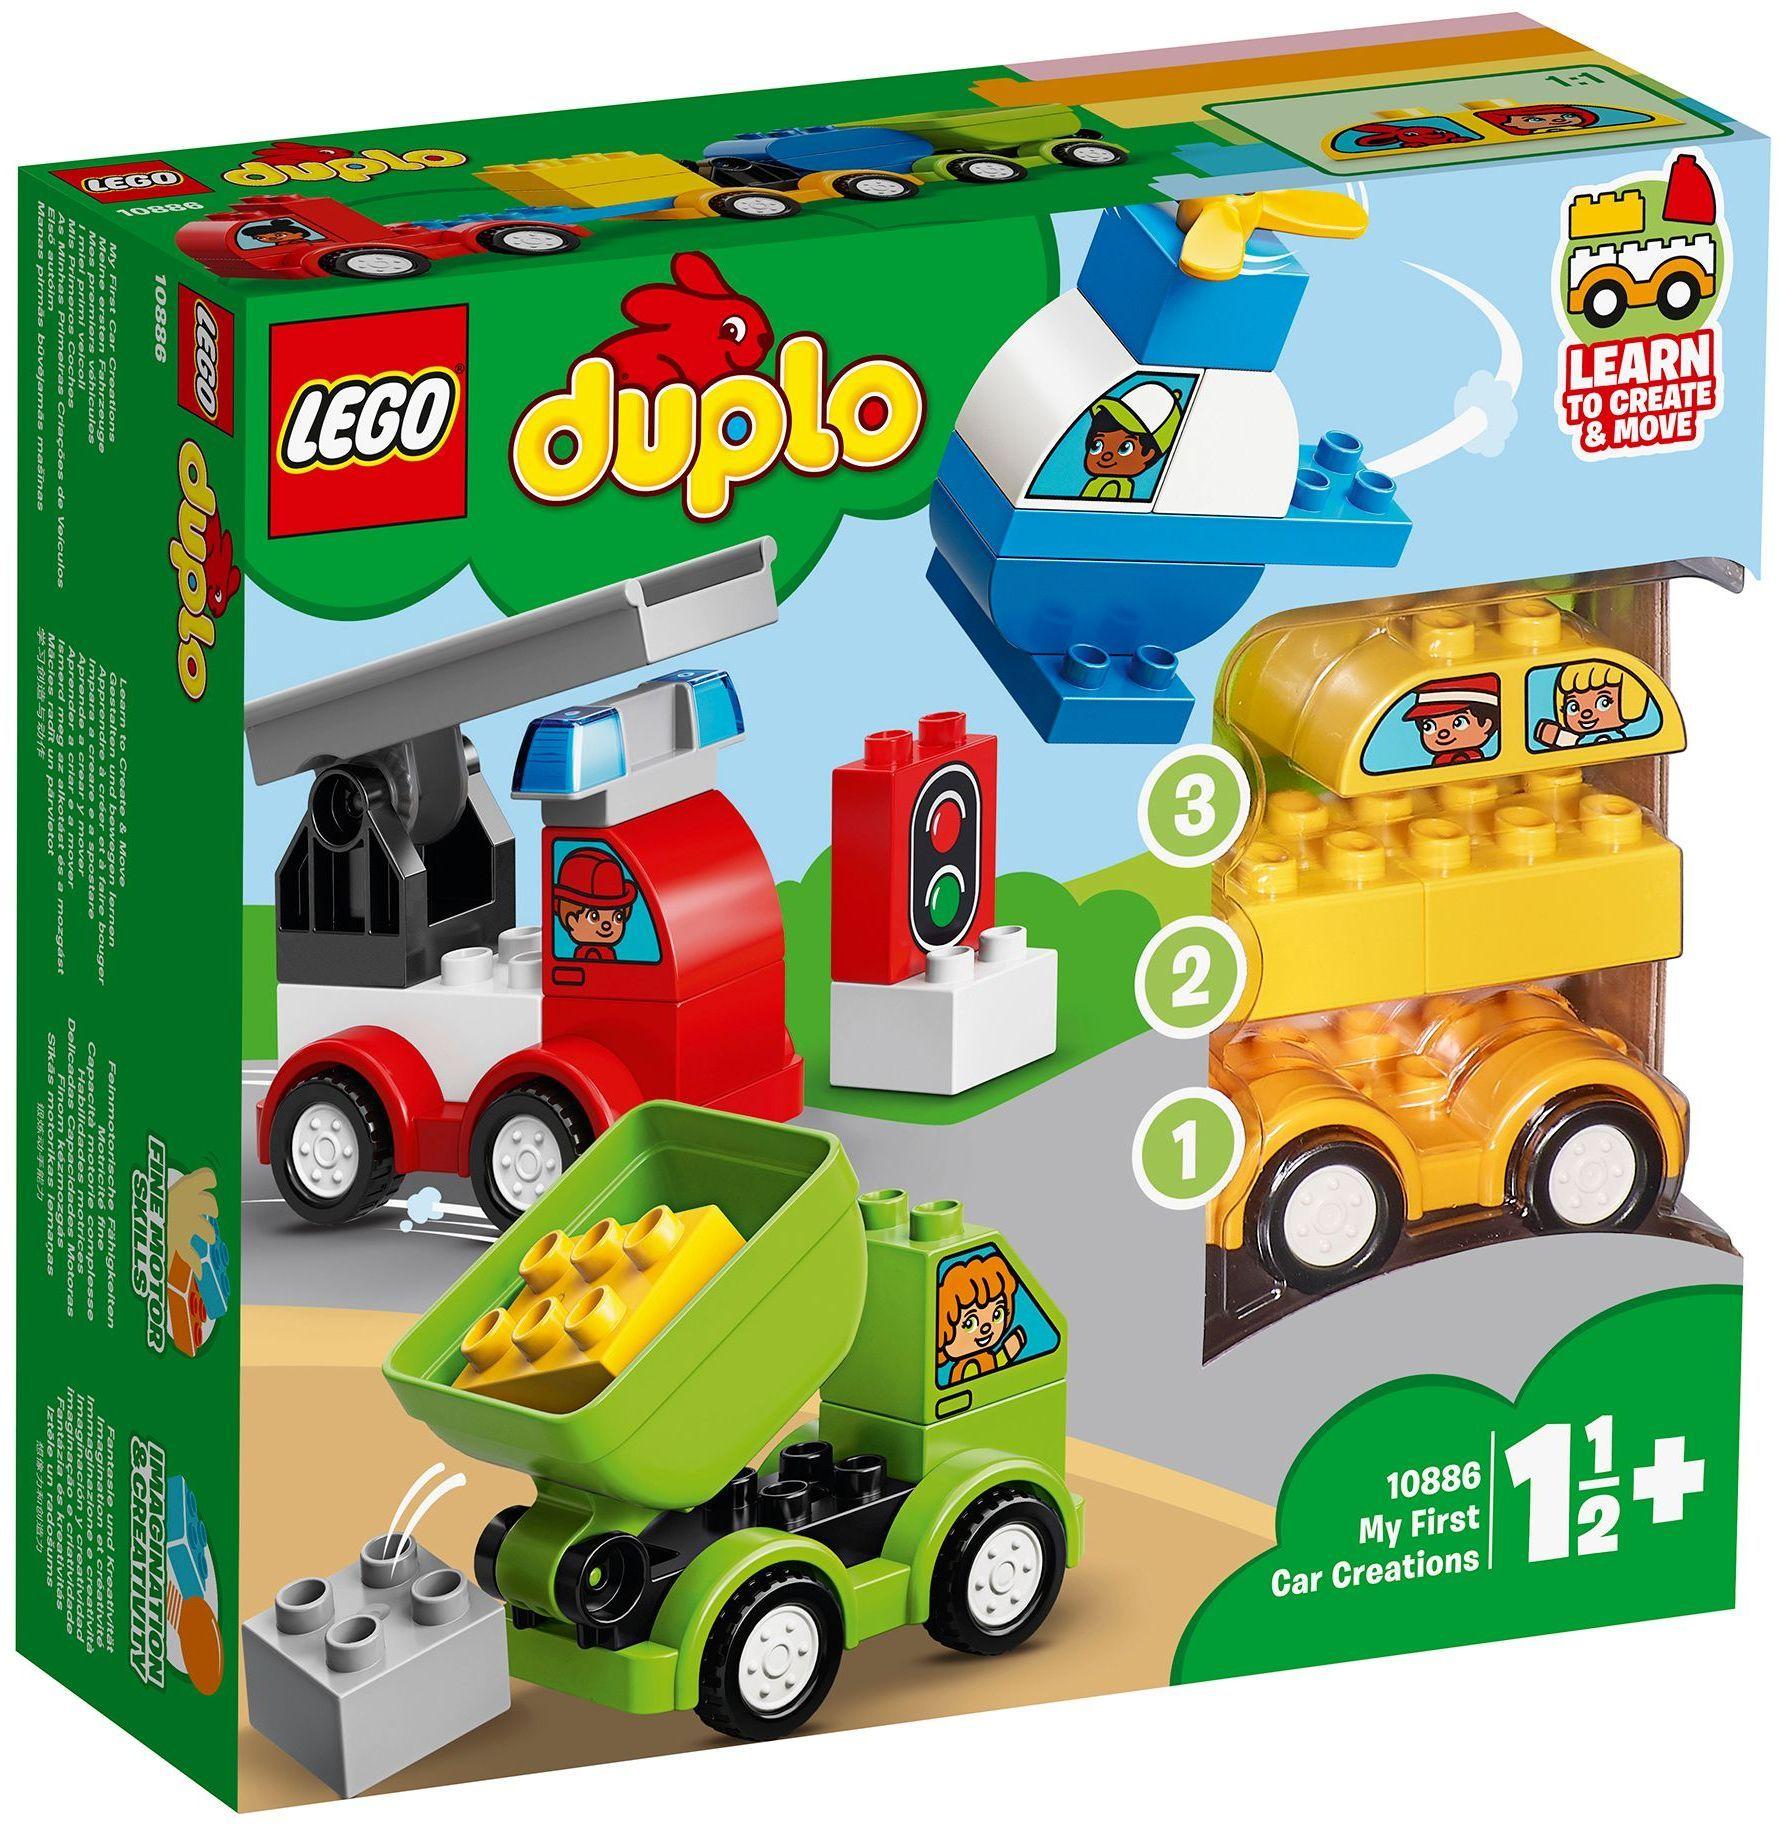 Конструктор Lego Duplo - Моите първи автомобилни творения (10886) - 1